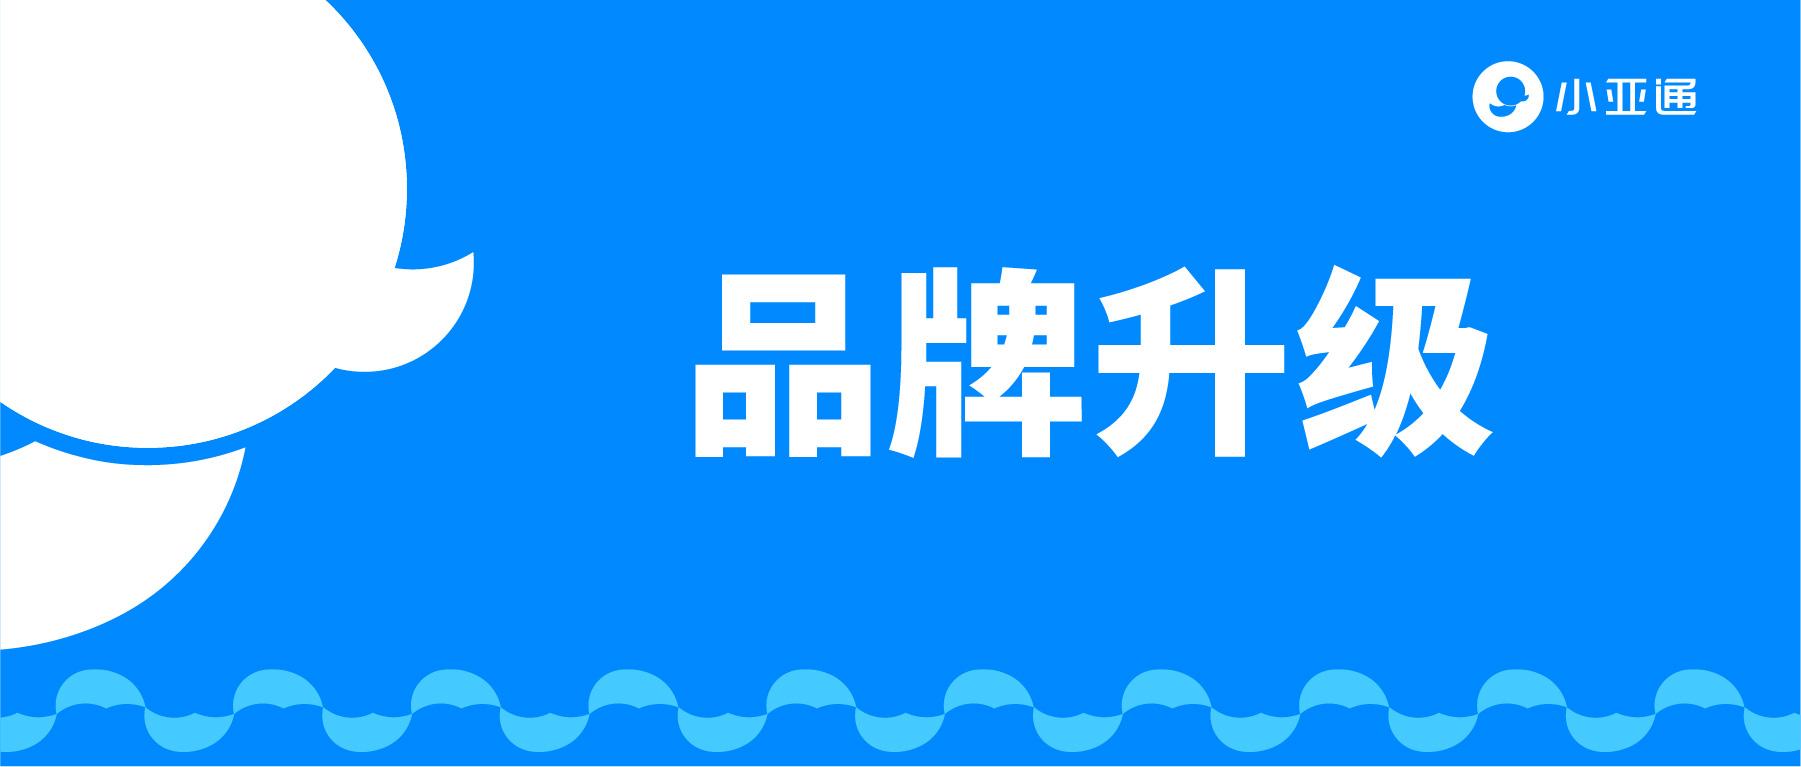 """陈一锴:小亚通正式升级为""""ERP+""""新电商服务商"""